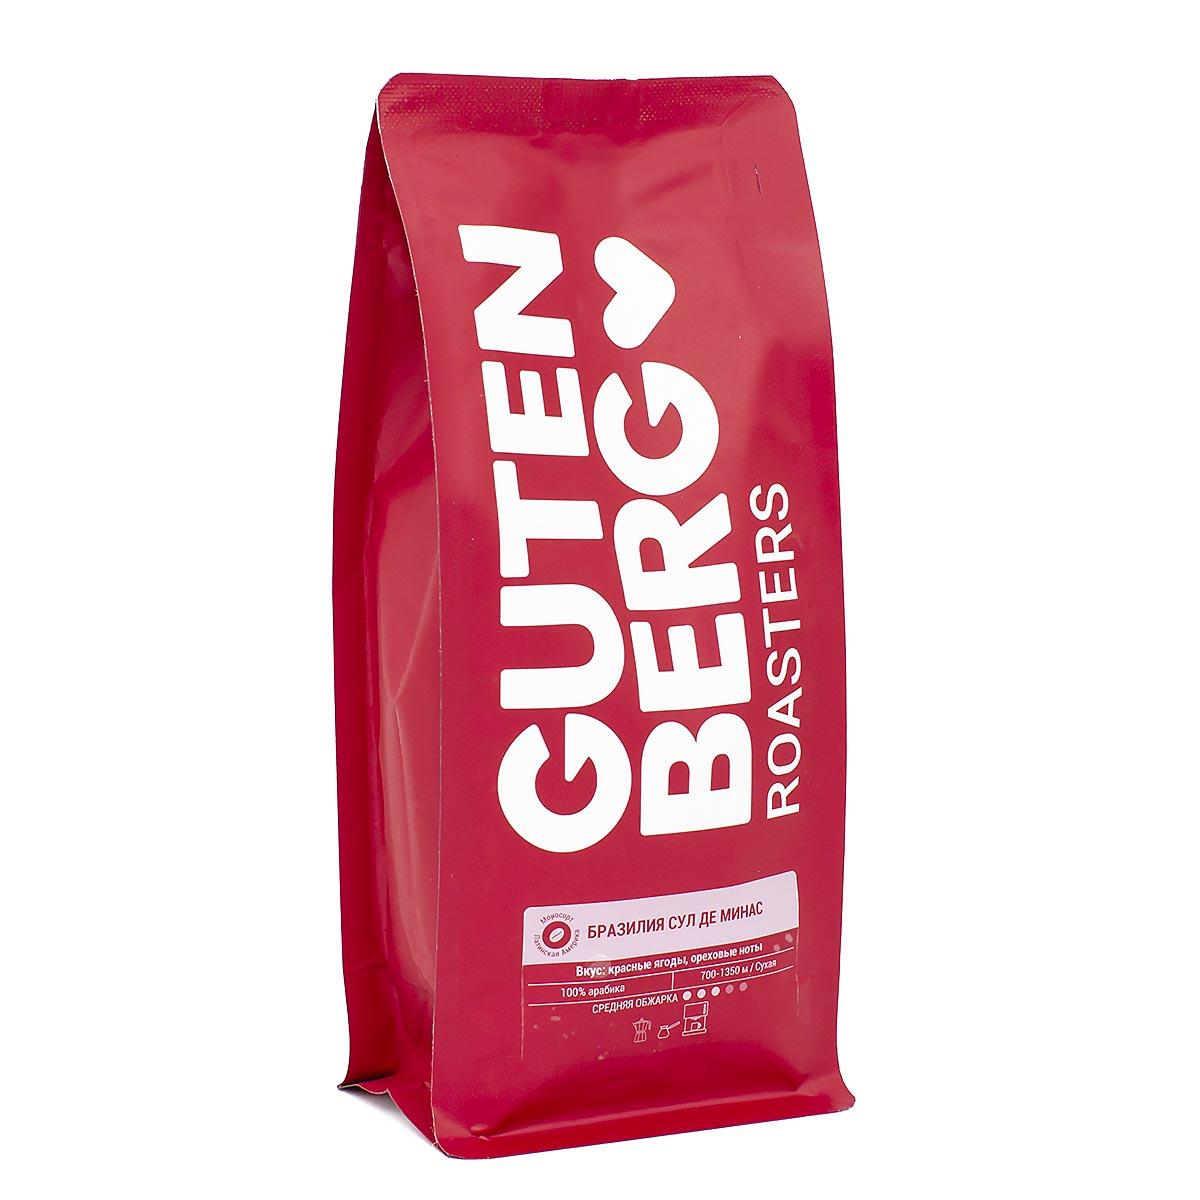 Кофе в зернах Бразилия Сул Де Минас, уп. 250 г